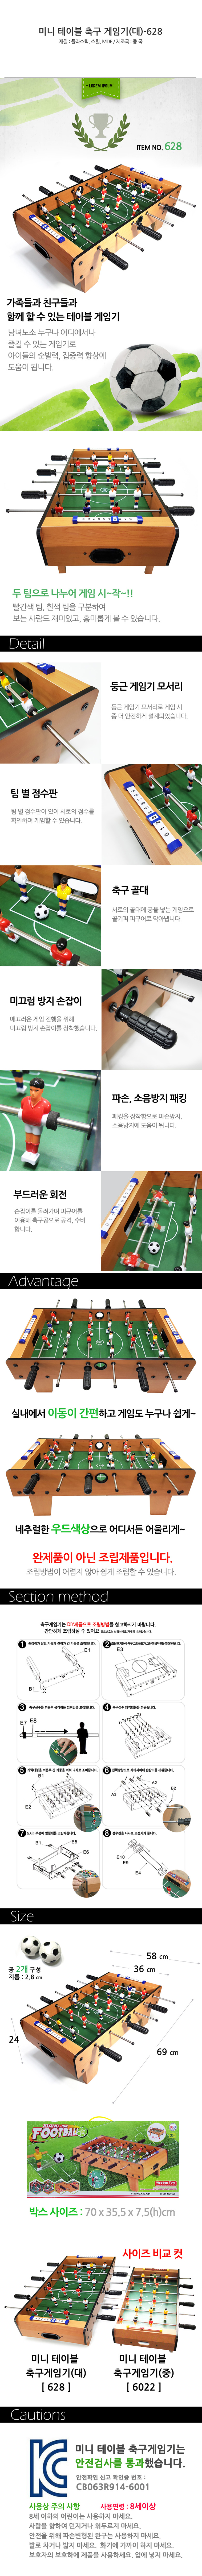 데코앤 미니 테이블 축구 게임기 (대) - 세계토이, 70,000원, 보드게임, 2인용 게임